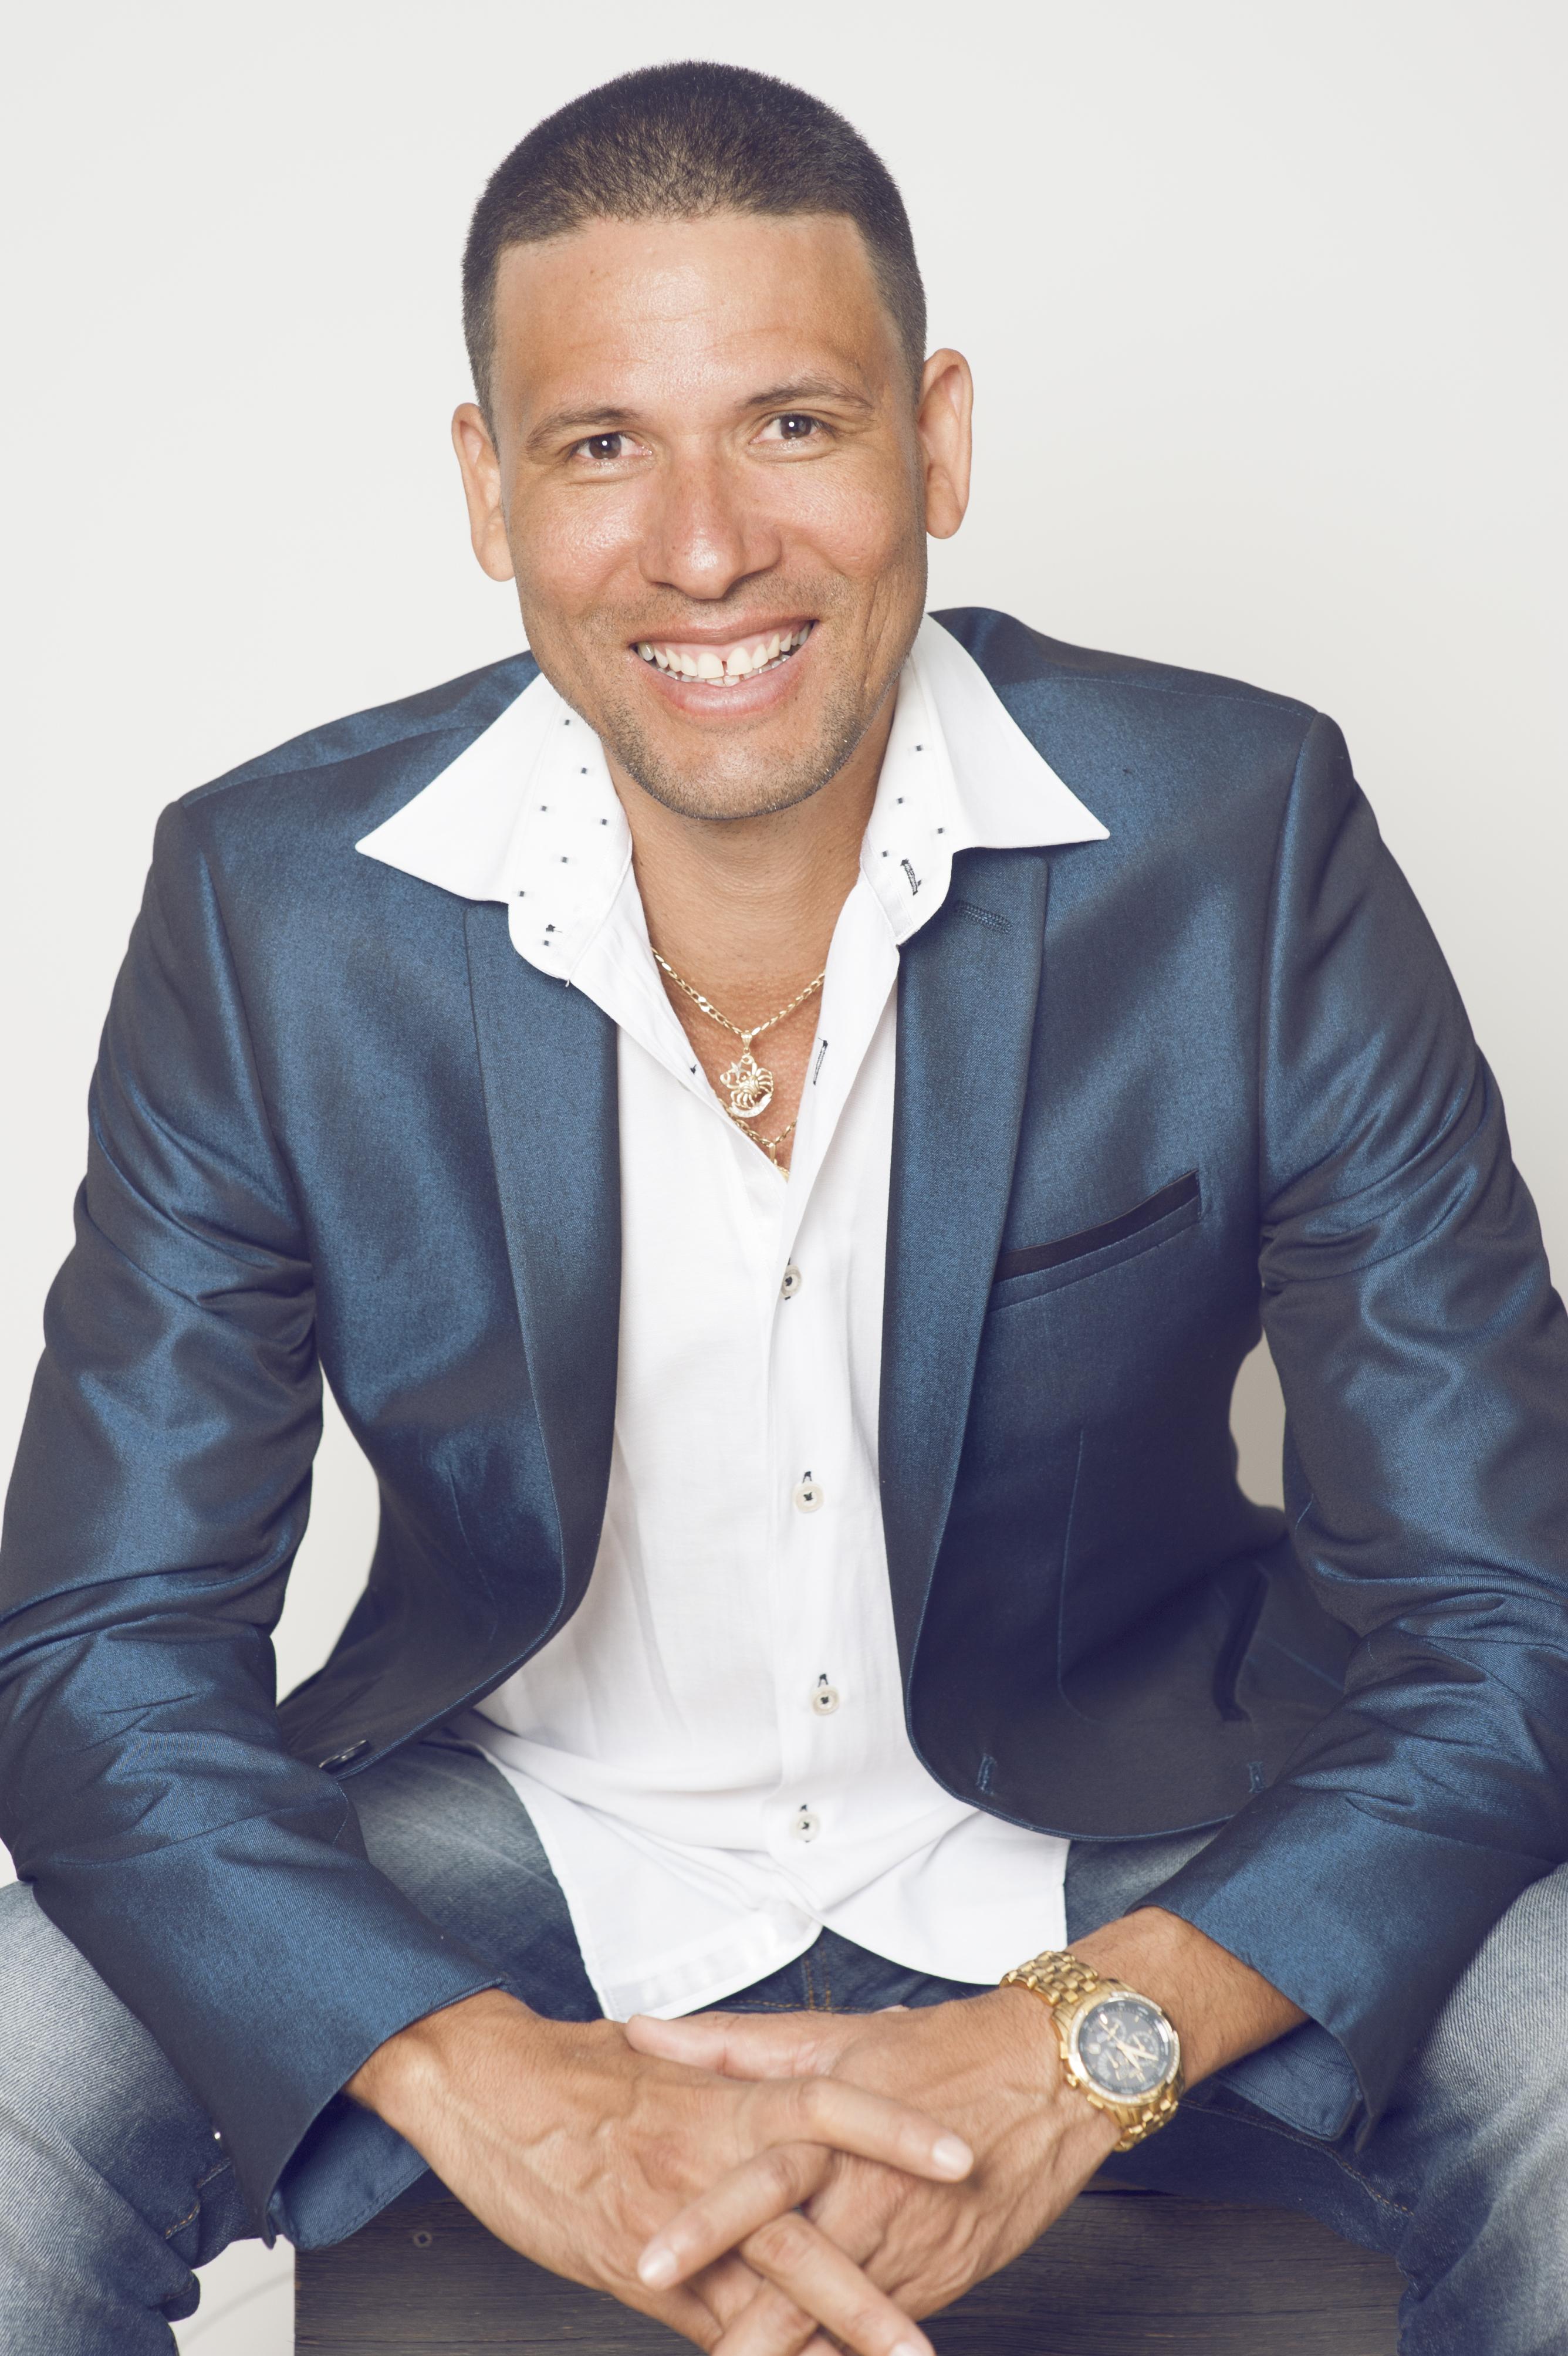 César Martinez Fong